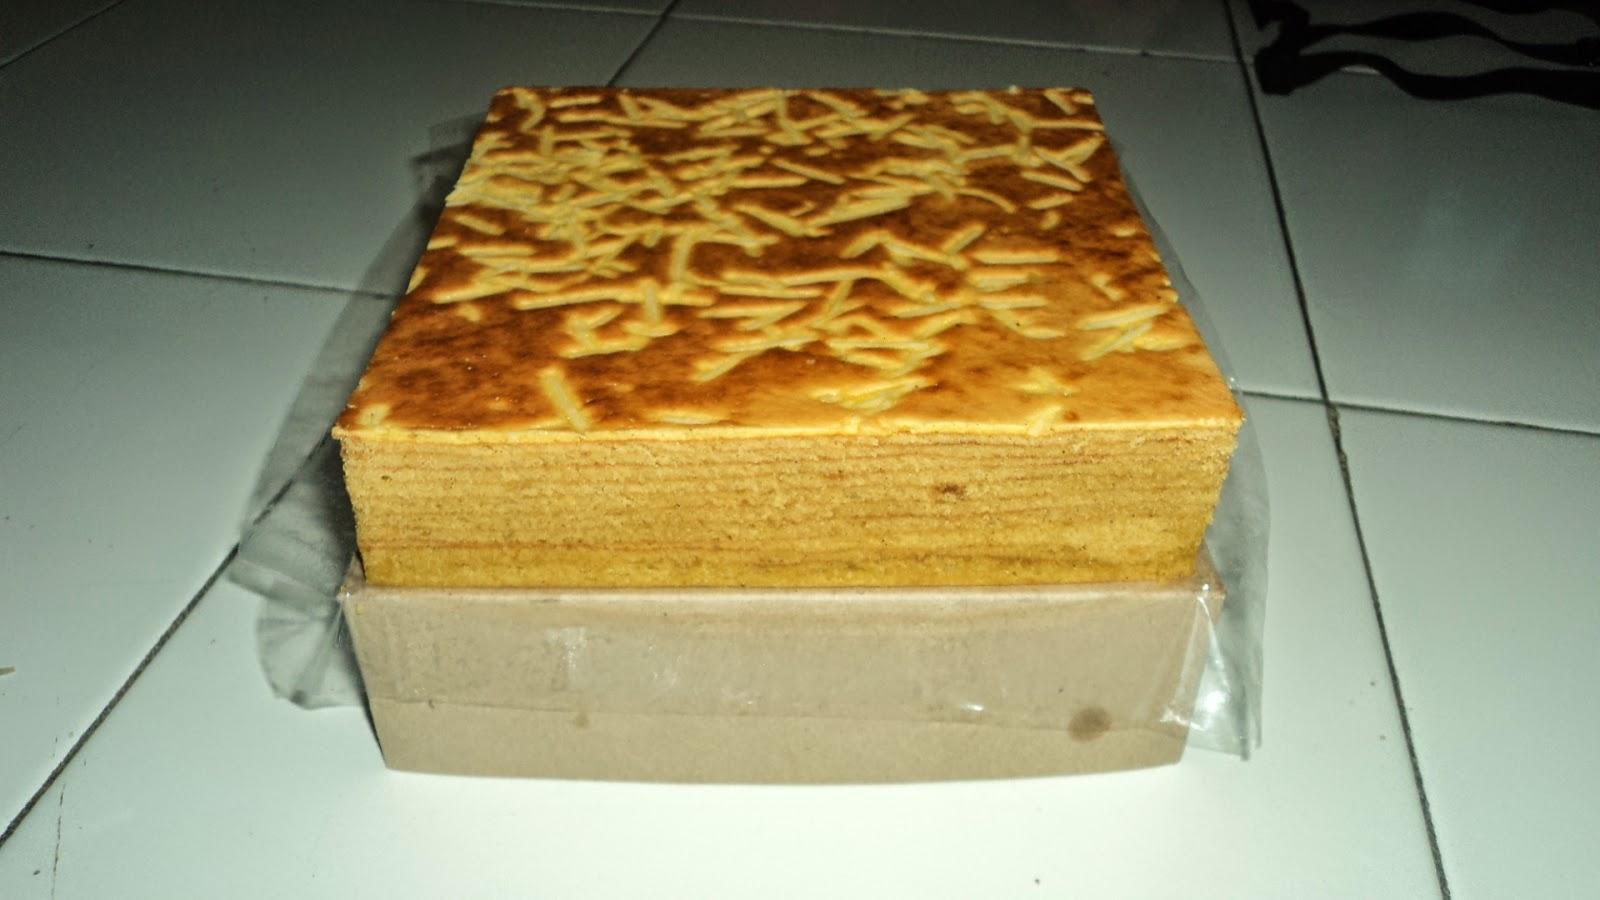 Jual Lapis Legit Spesial Surabaya